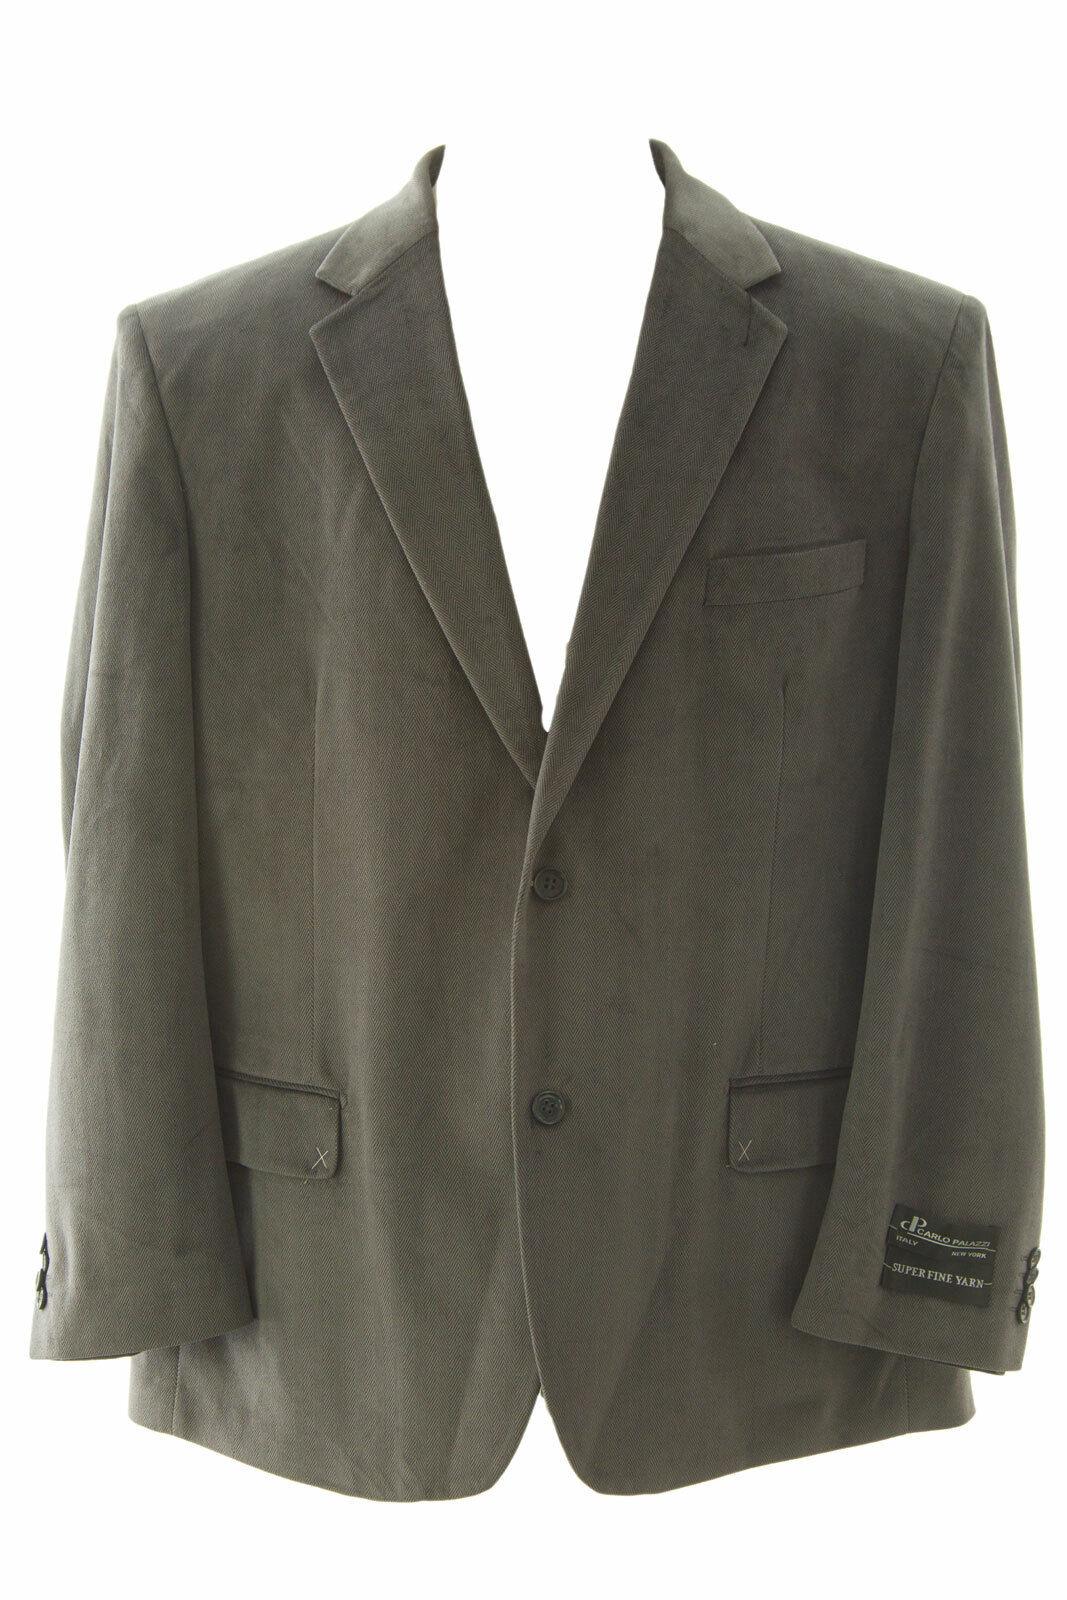 Carlo Palazzi Herren Grau Pfeil Muster Zwei Knöpfe Blazer Sportscoat Nwt     | Förderung  | Um Eine Hohe Bewunderung Gewinnen Und Ist Weit Verbreitet Trusted In-und   | Zart